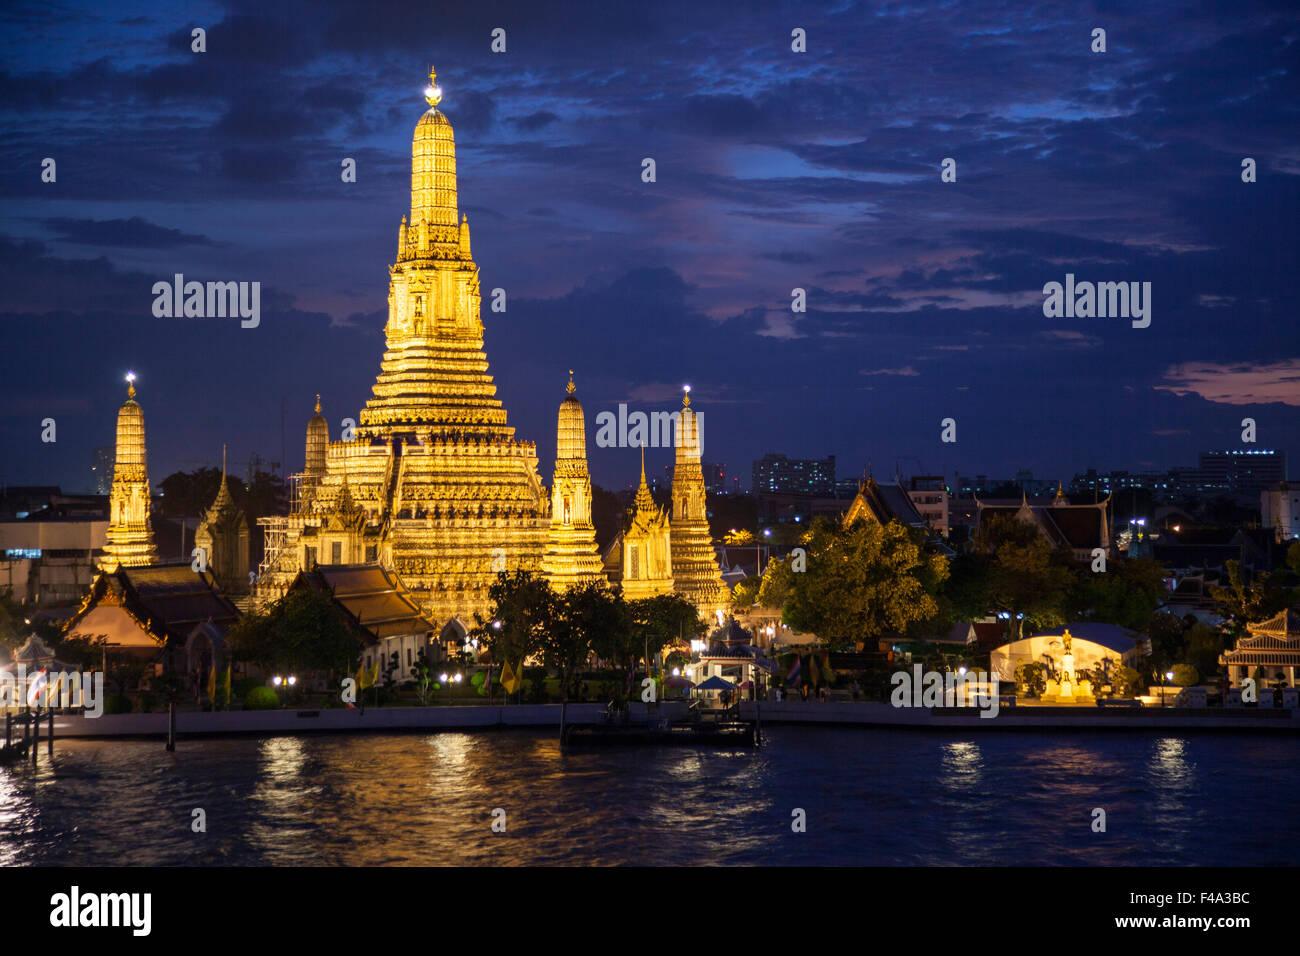 Tailandia, Bangkok, vista nocturna de Wat Arun, el templo del amanecer y el río Chao Phraya Imagen De Stock